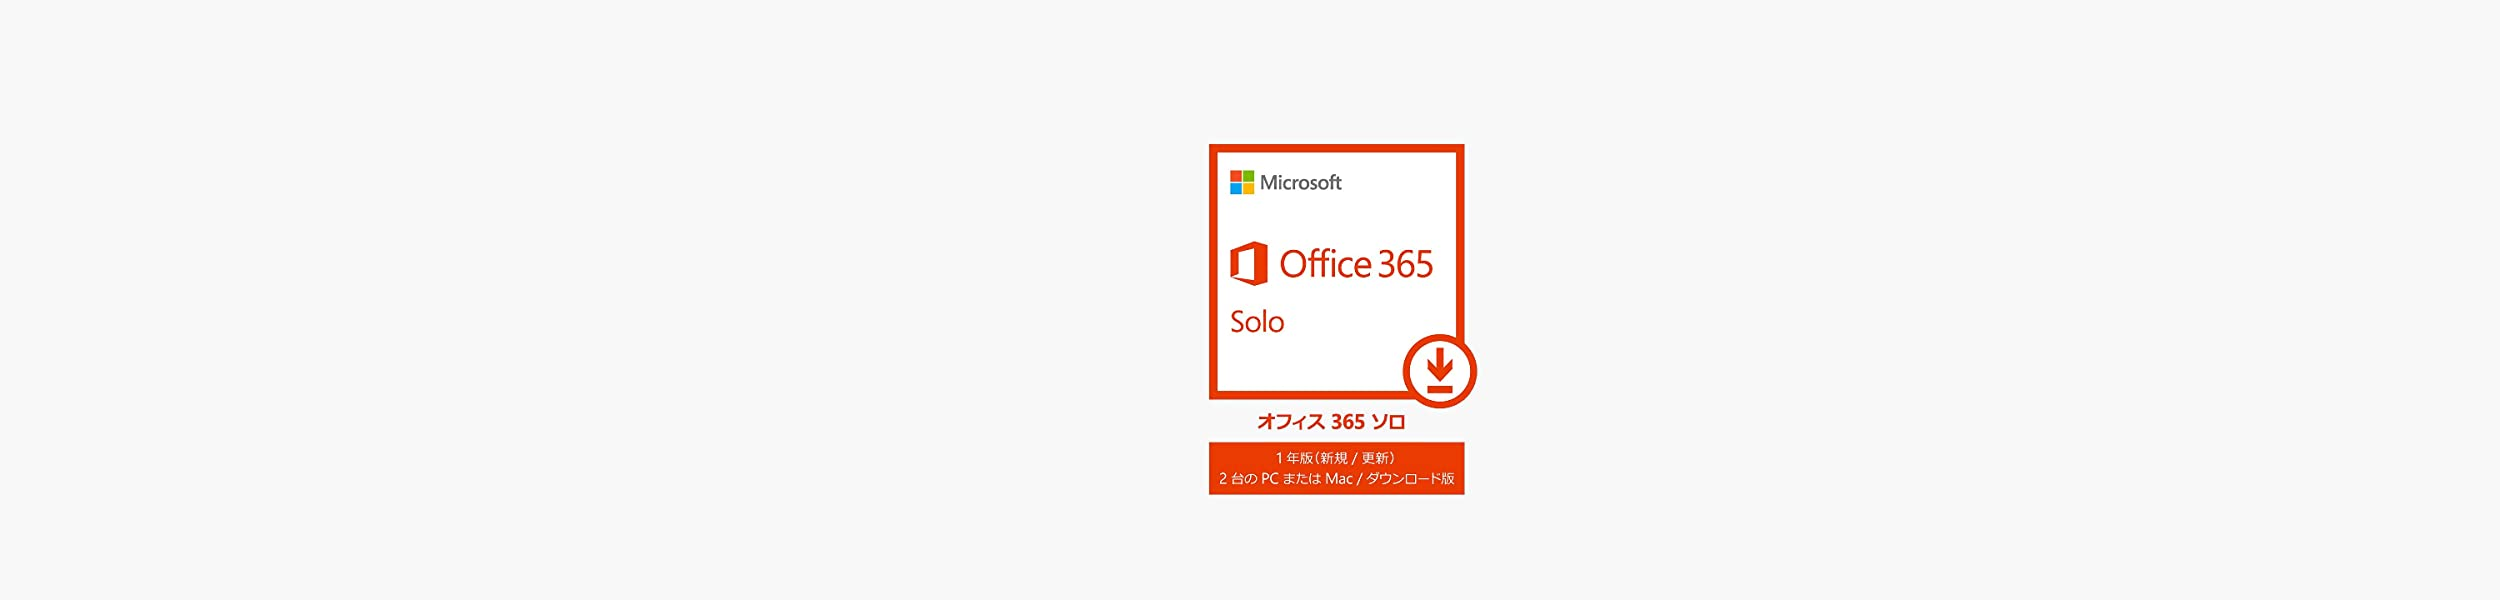 Microsoft Office 365 Solo